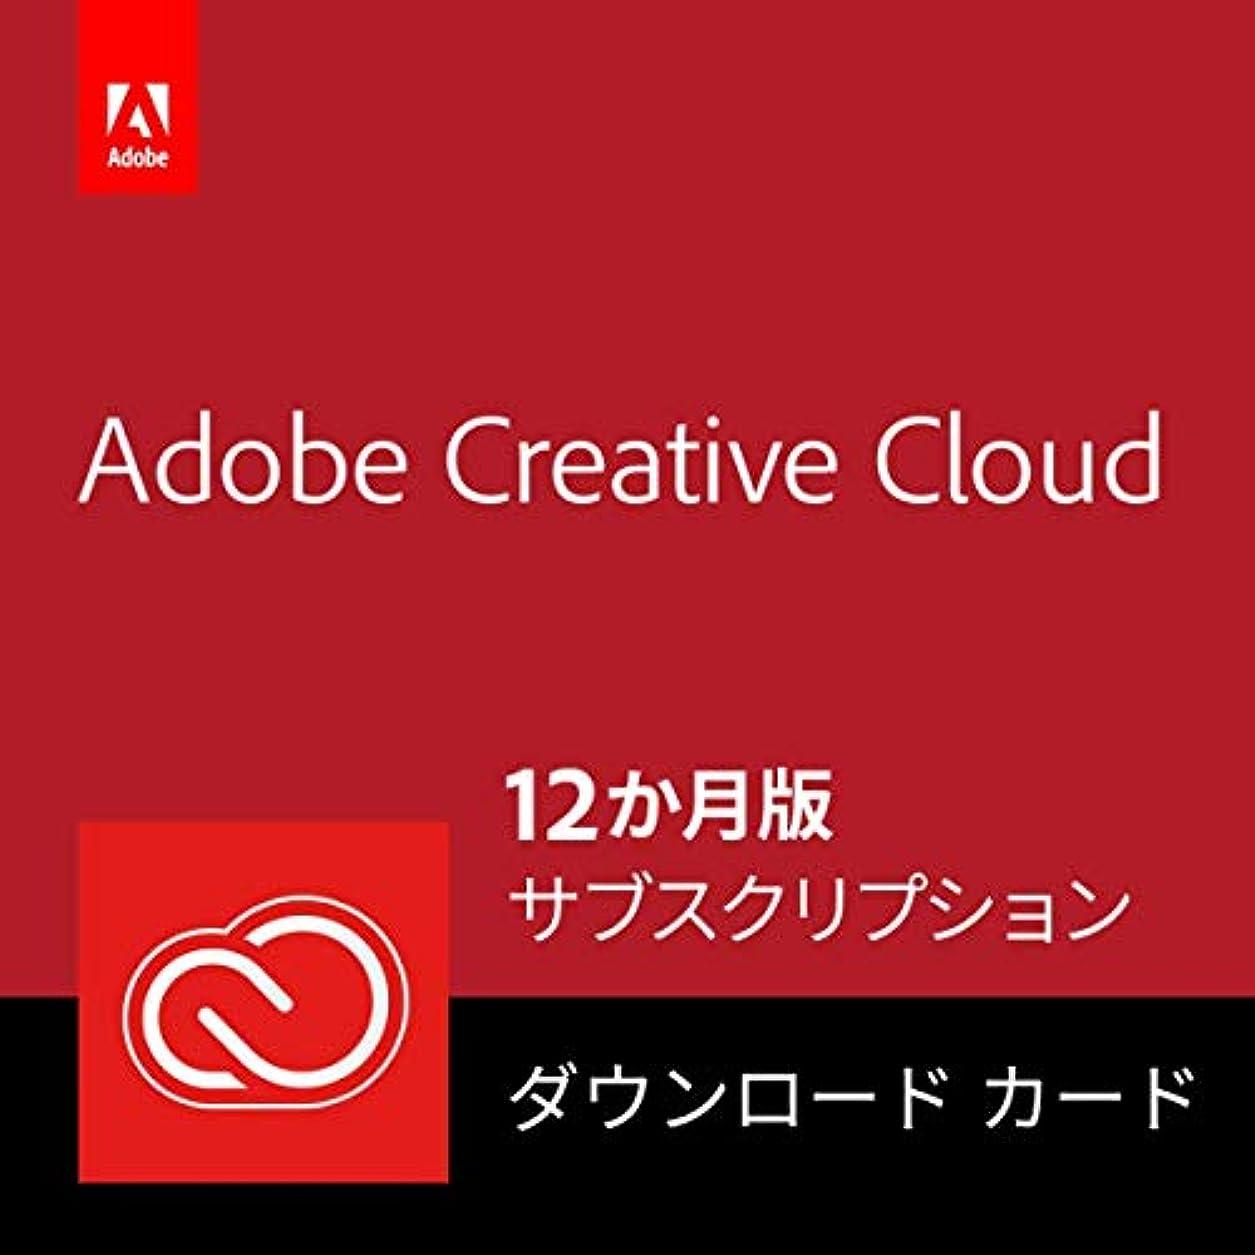 ズボン刑務所昆虫を見るAdobe Creative Cloud コンプリート|12か月版|Windows/Mac対応|パッケージ(カード)コード版